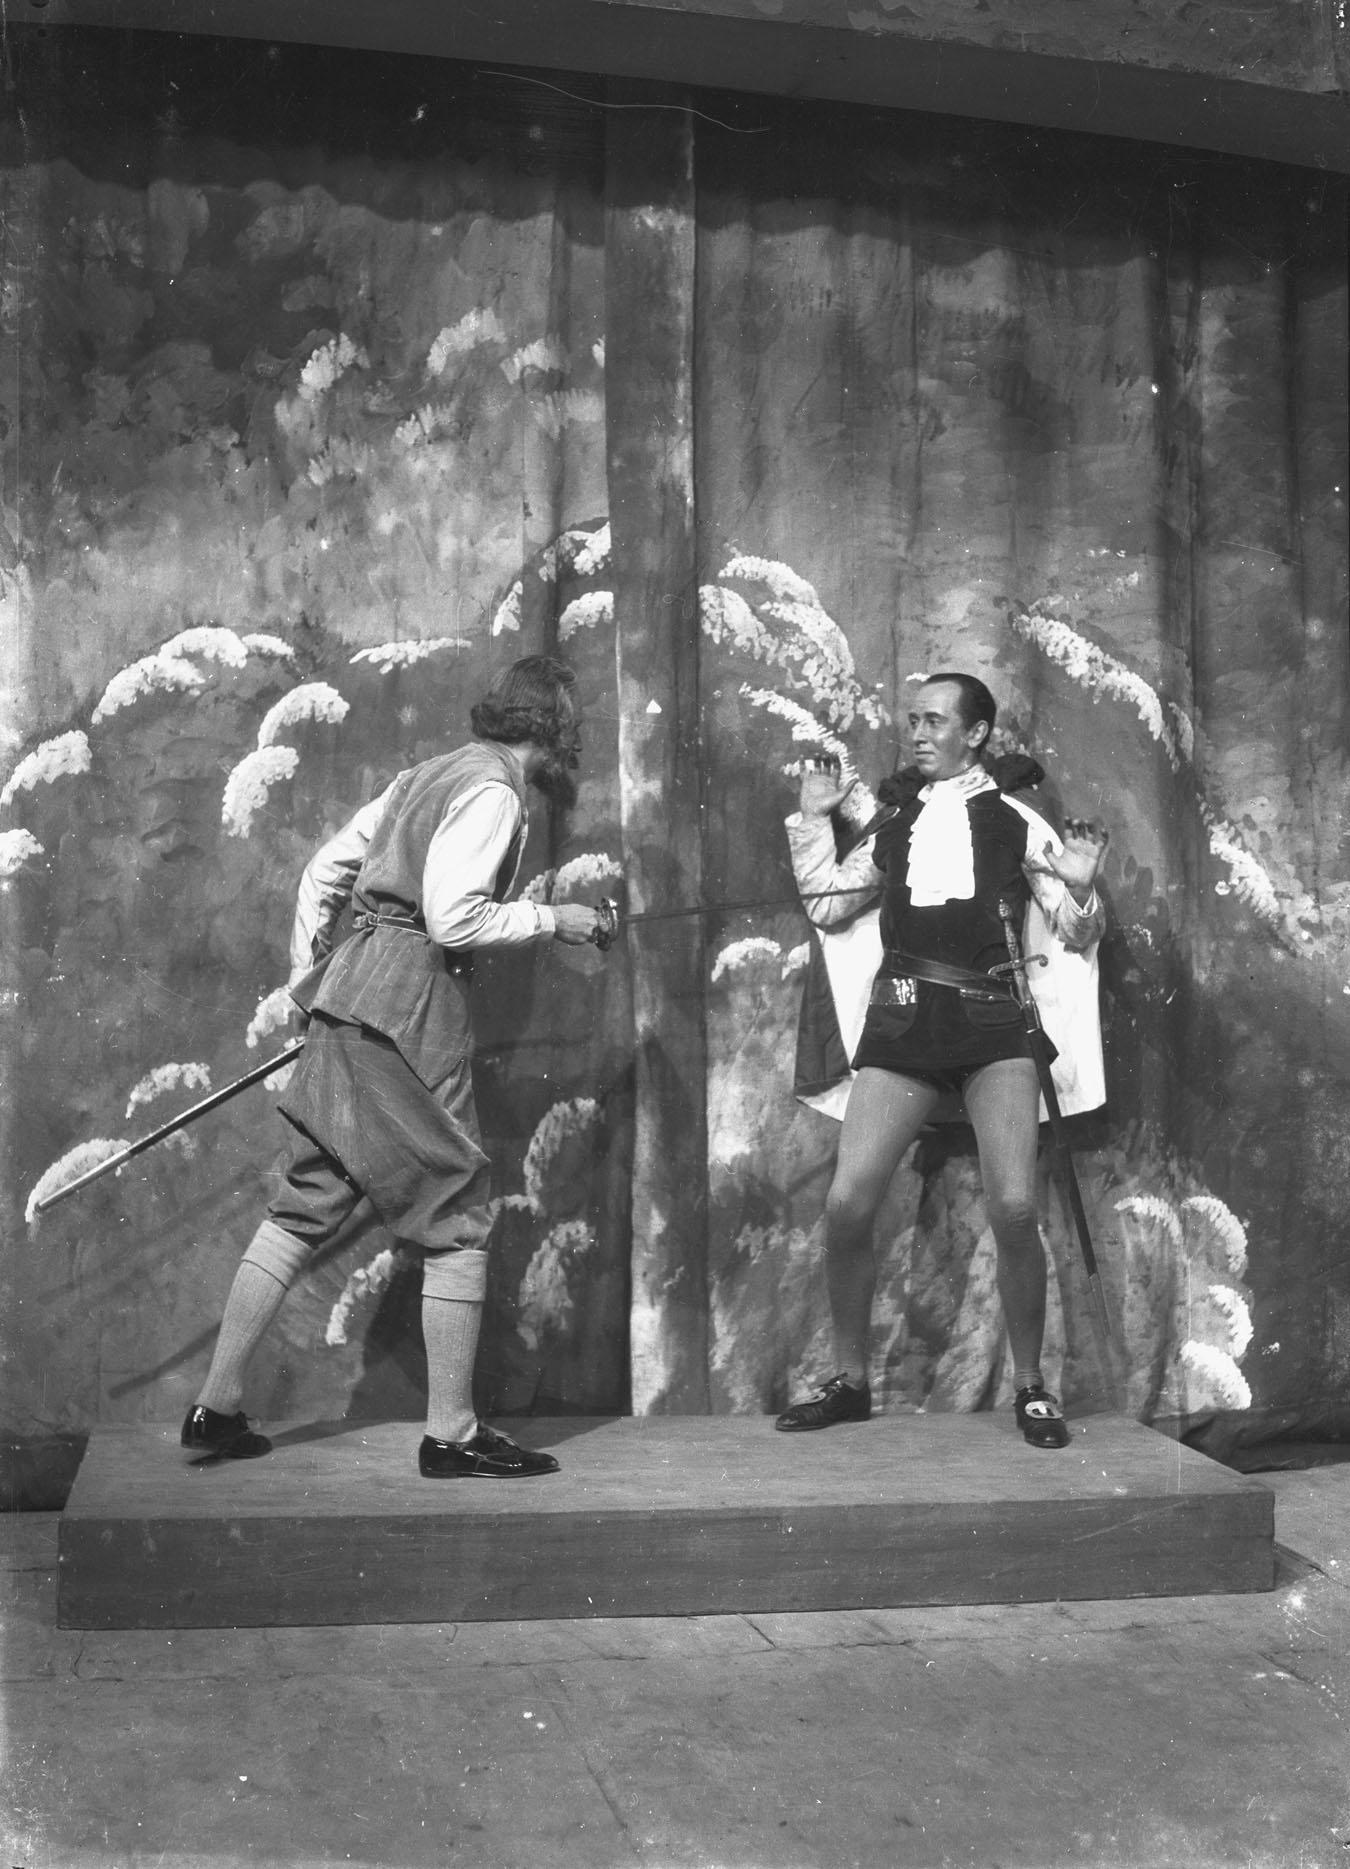 King Lear, 1921 (KCAS/37/1929/1 photograph KL 10)